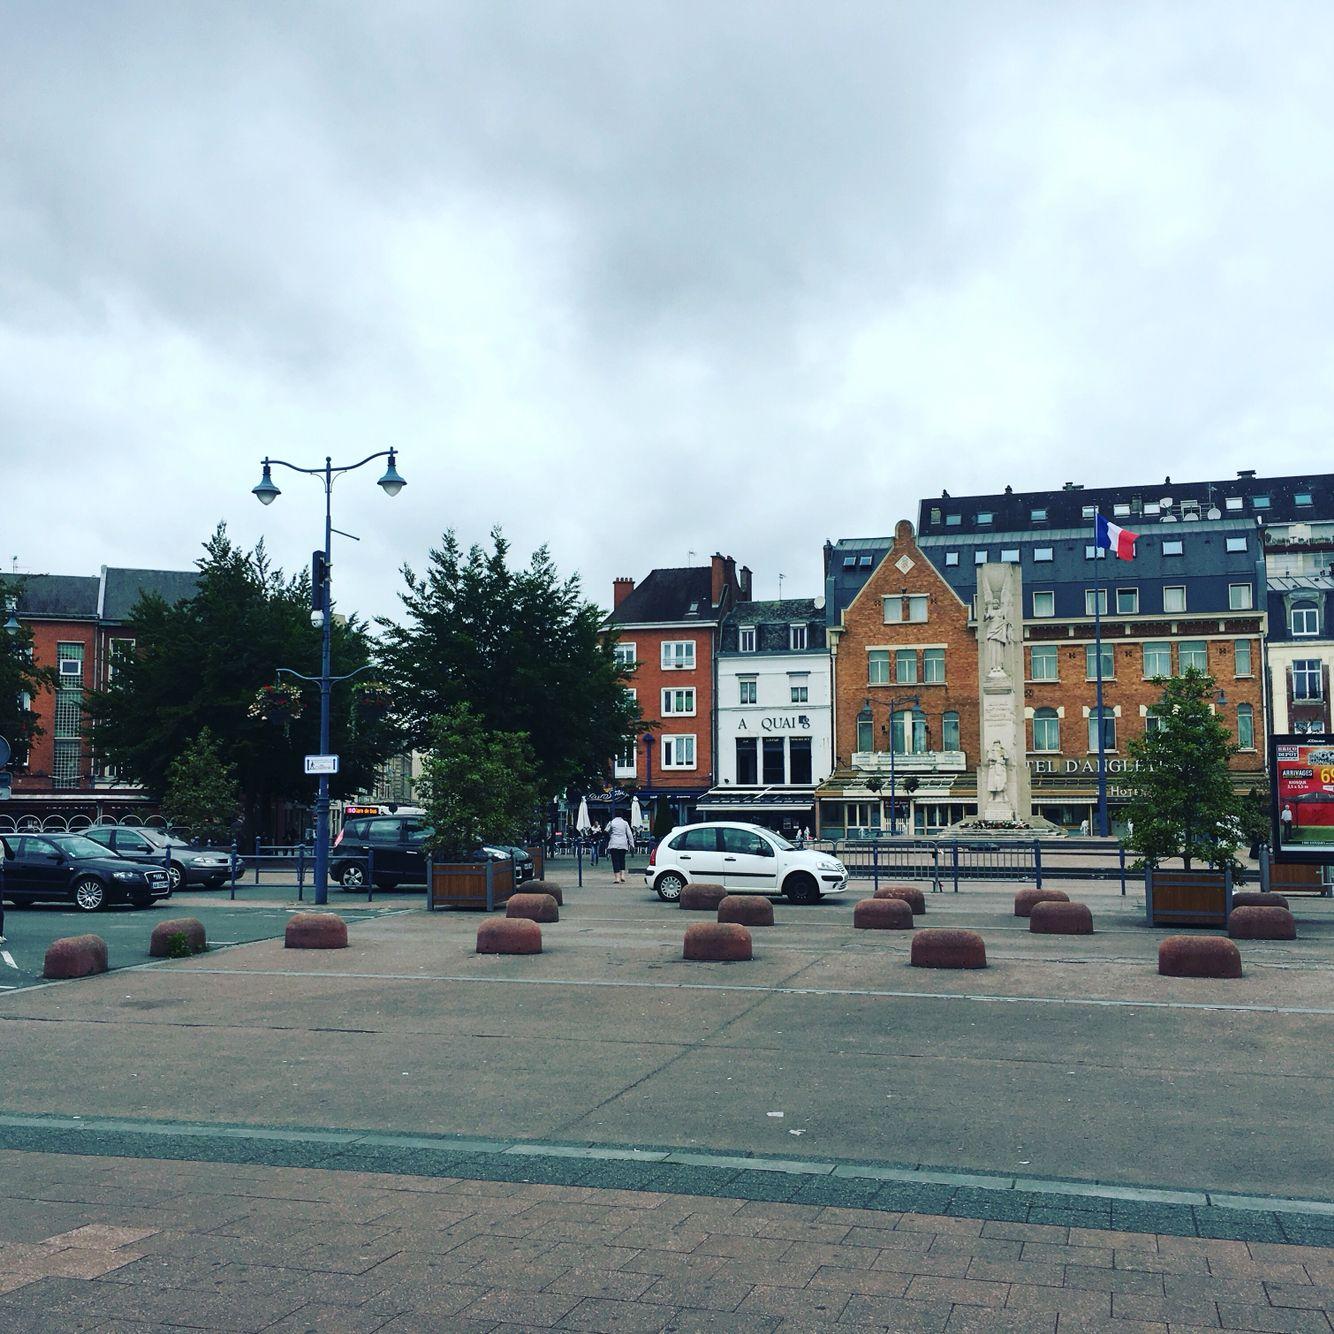 Environs Séjour lille À Place Ville arras D' Grande Aux De wvXB7wq